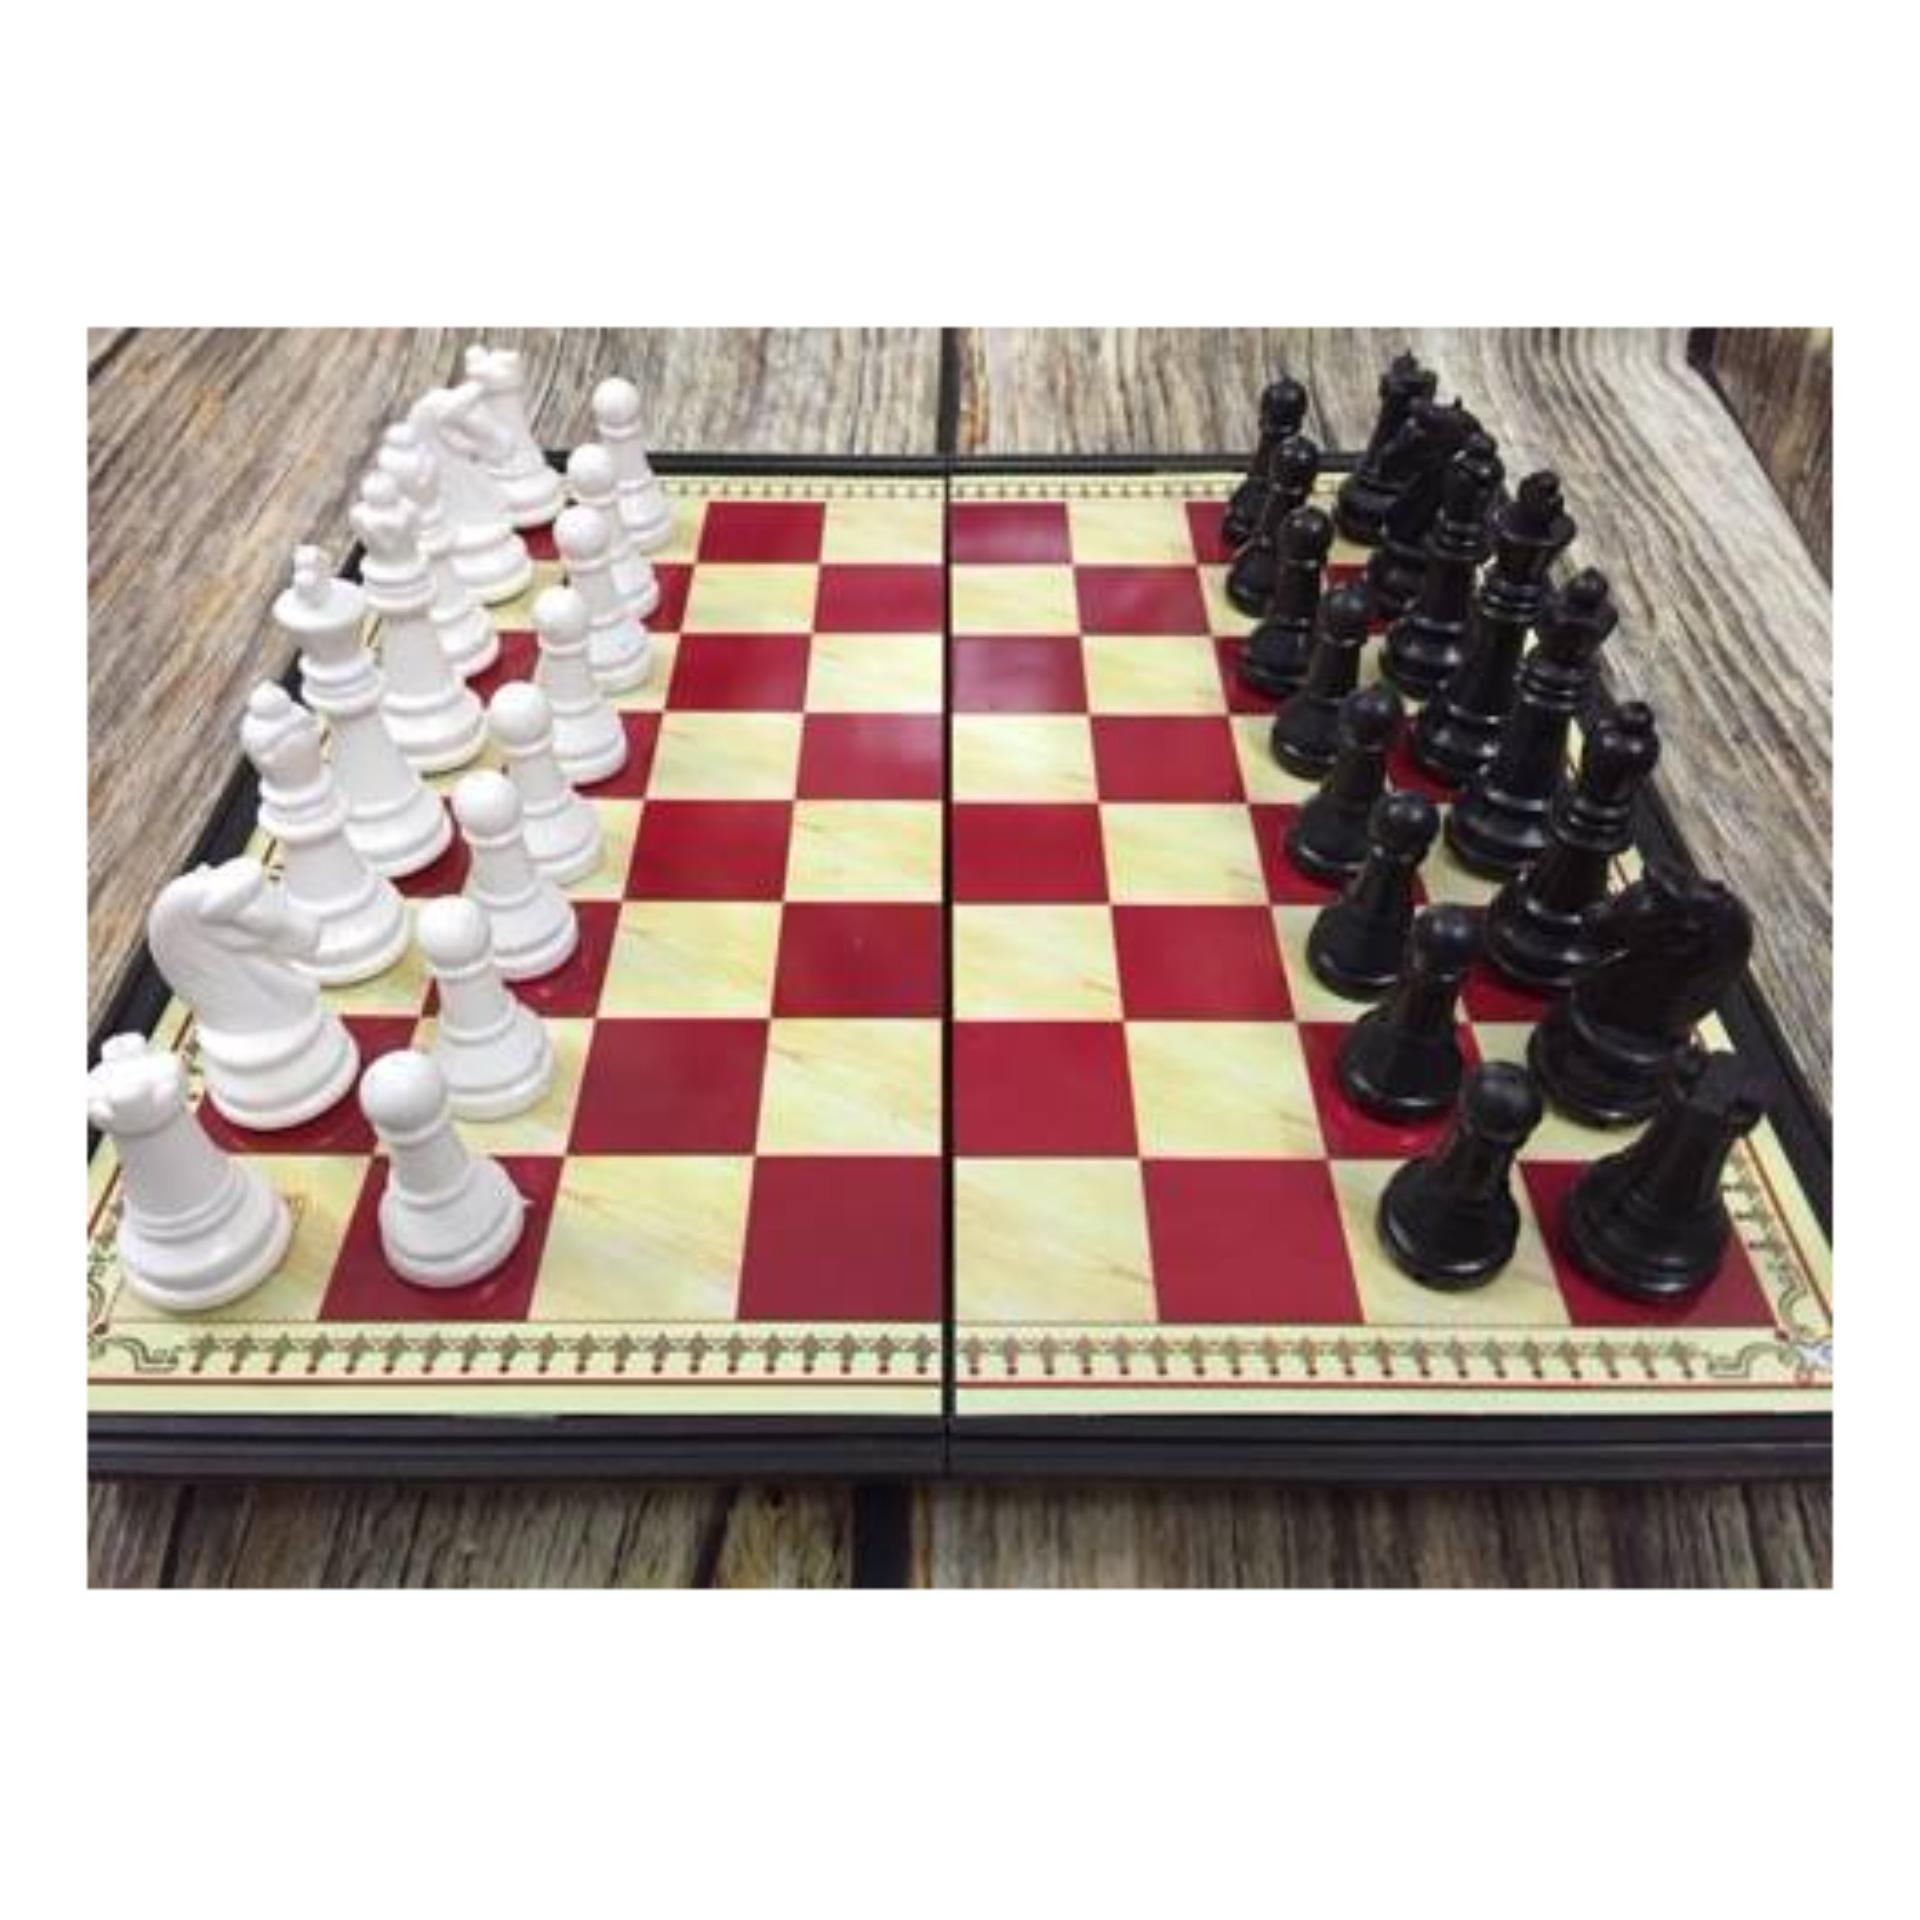 Bộ cờ vua nam châm kích thước 35*35 cm